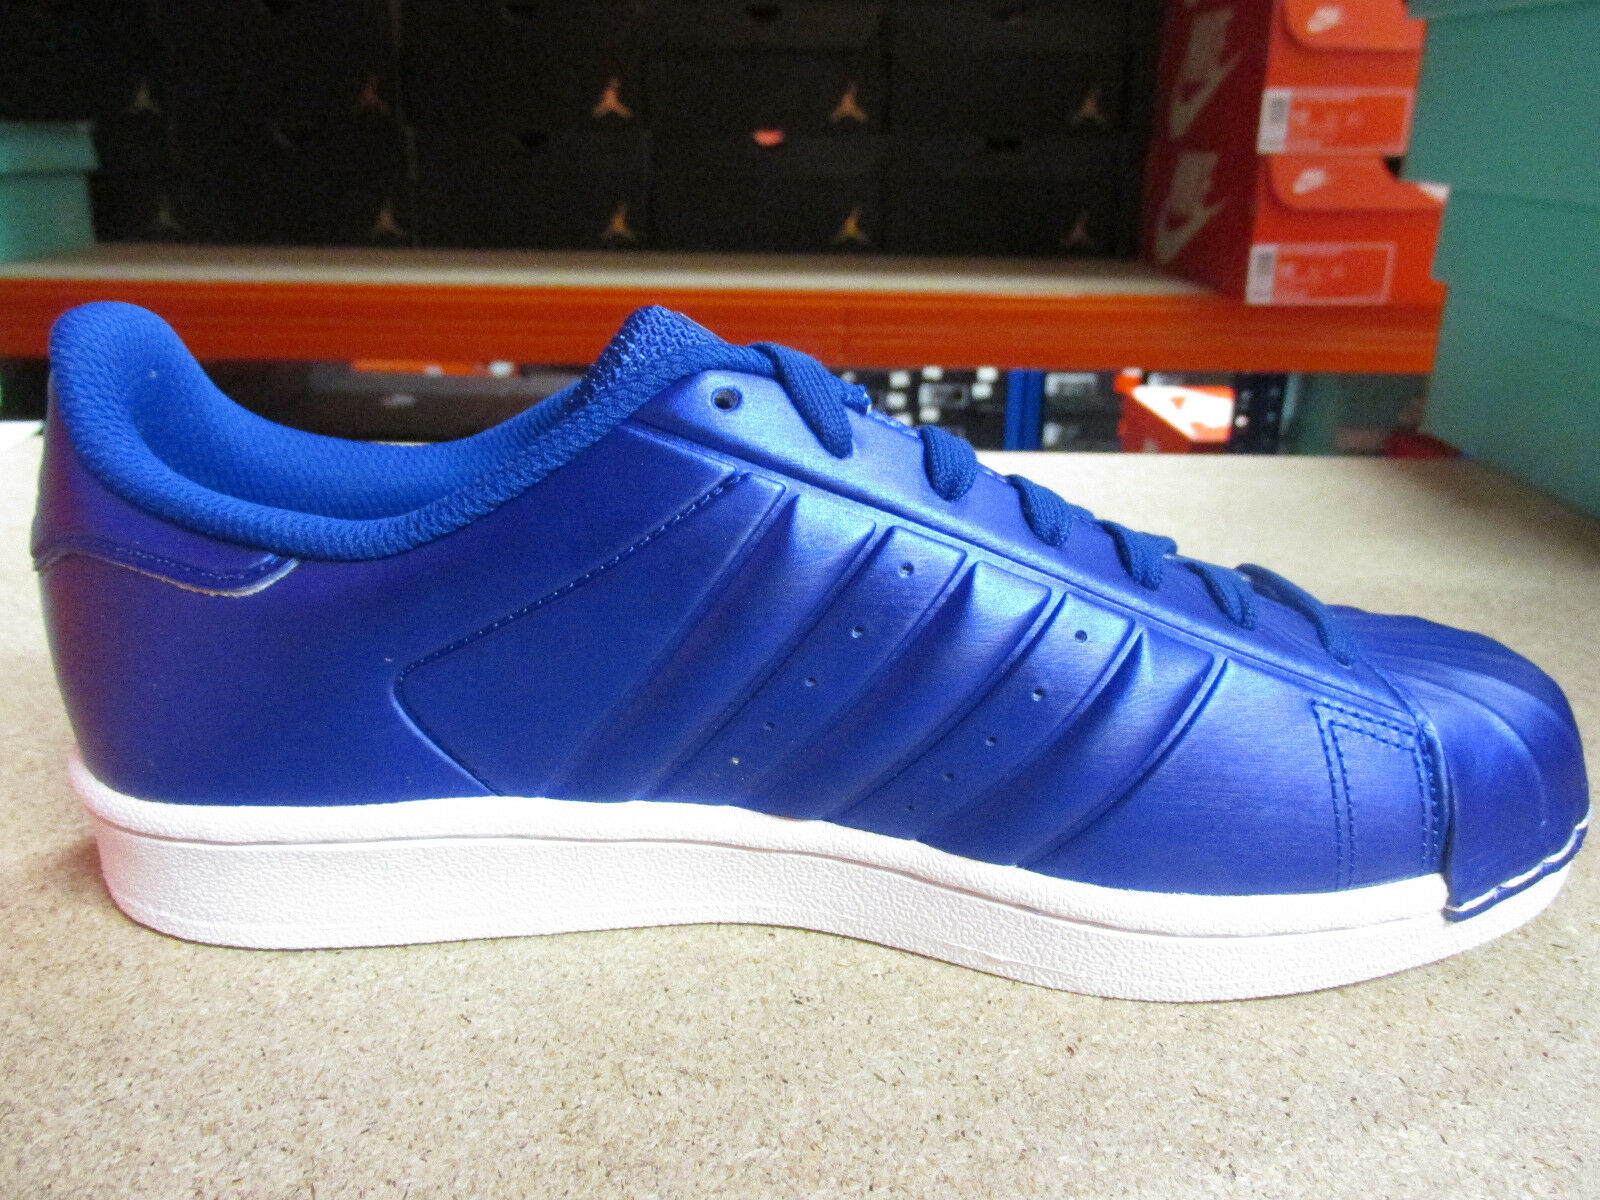 Adidas Turnschuhe Originals Superstar Herren BB4876 Turnschuhe Adidas Sneakers Schuhe 3b3b74